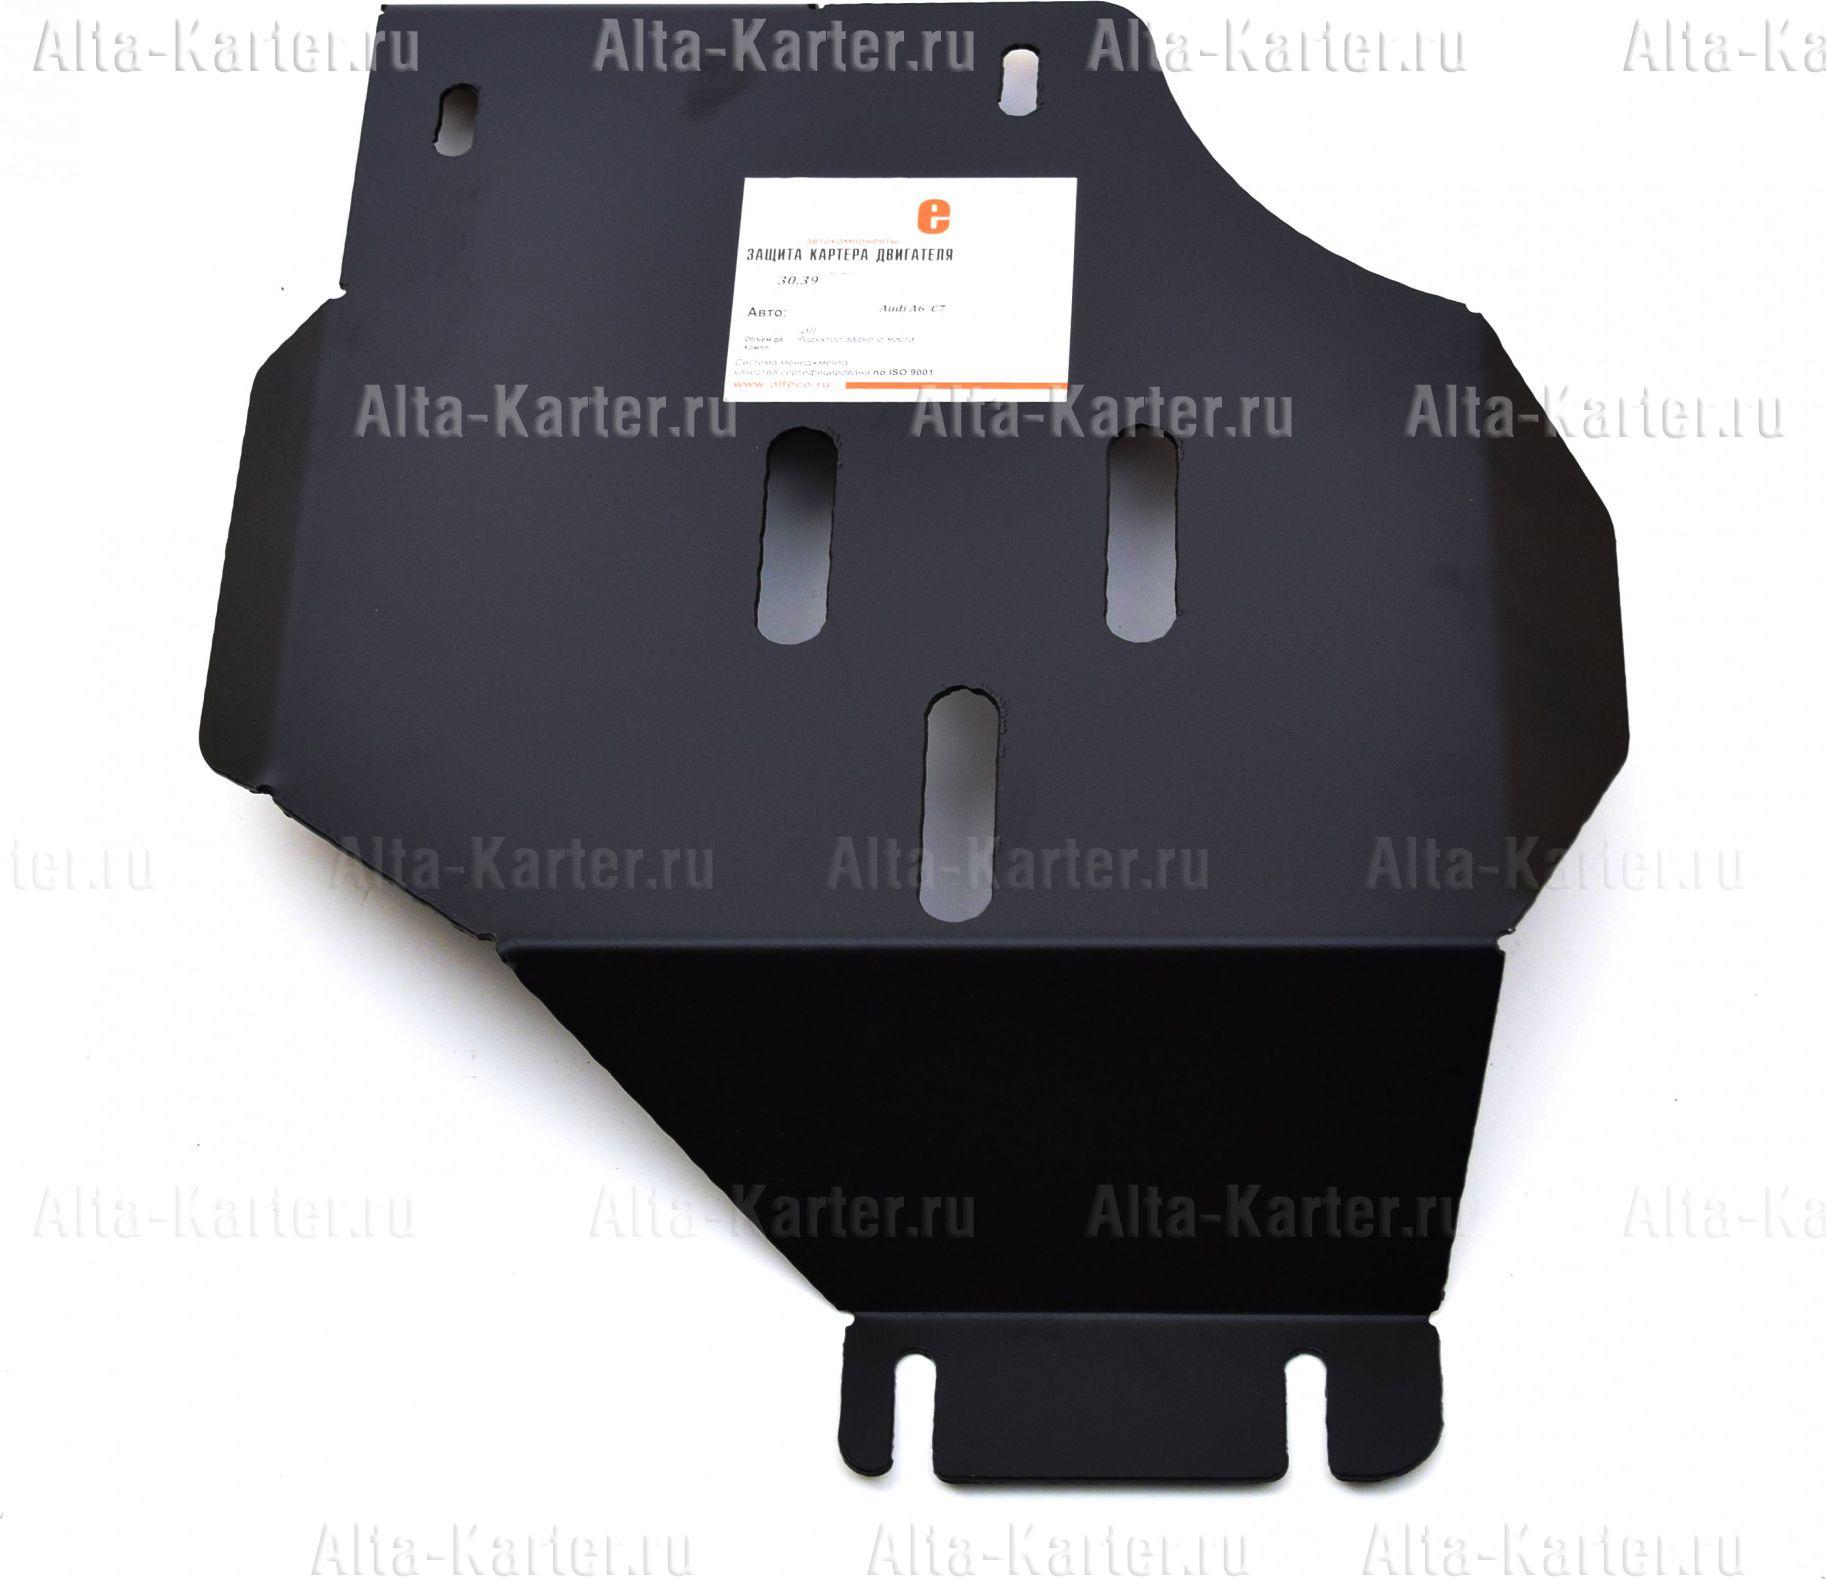 Защита Alfeco для редуктора заднего моста Audi A6 C7 2011-2018. Артикул ALF.30.39